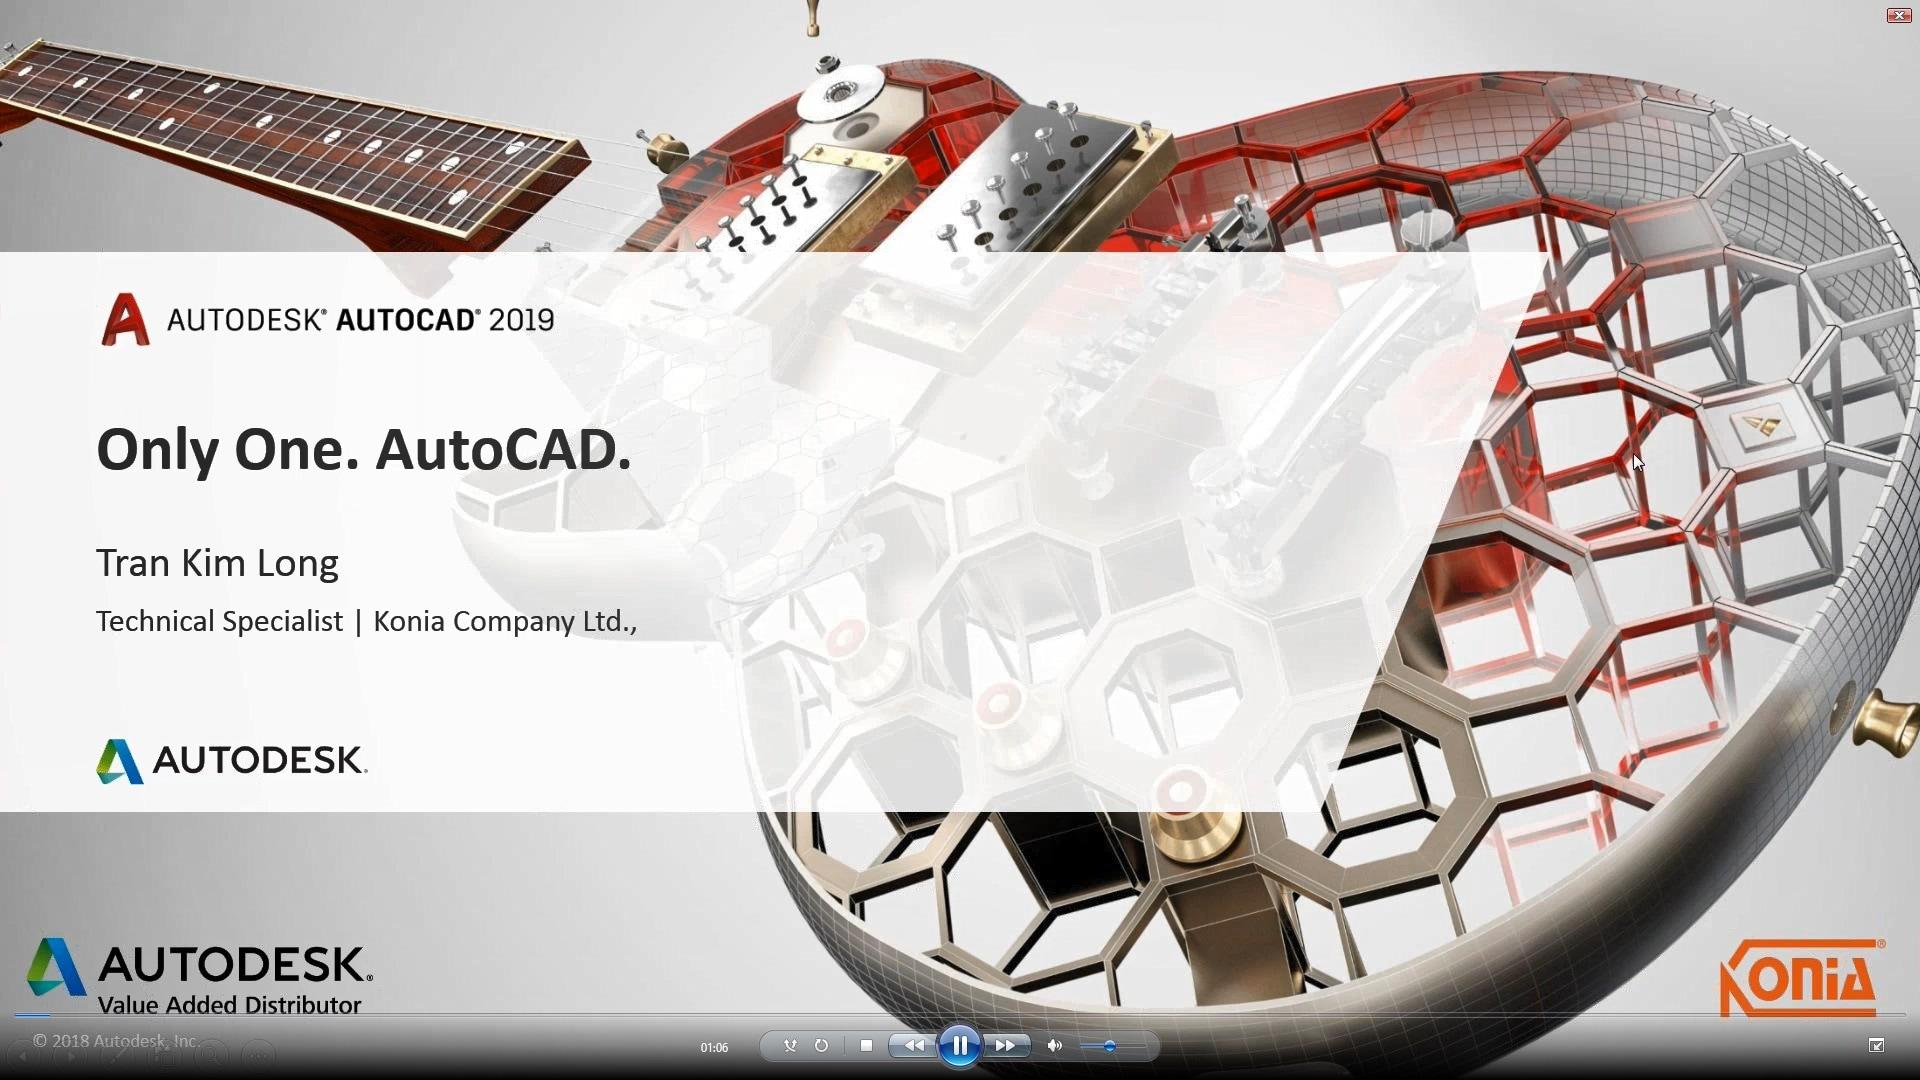 Cải Thiện Năng Suất Với AutoCAD 2019: Bộ công cụ kiến trúc